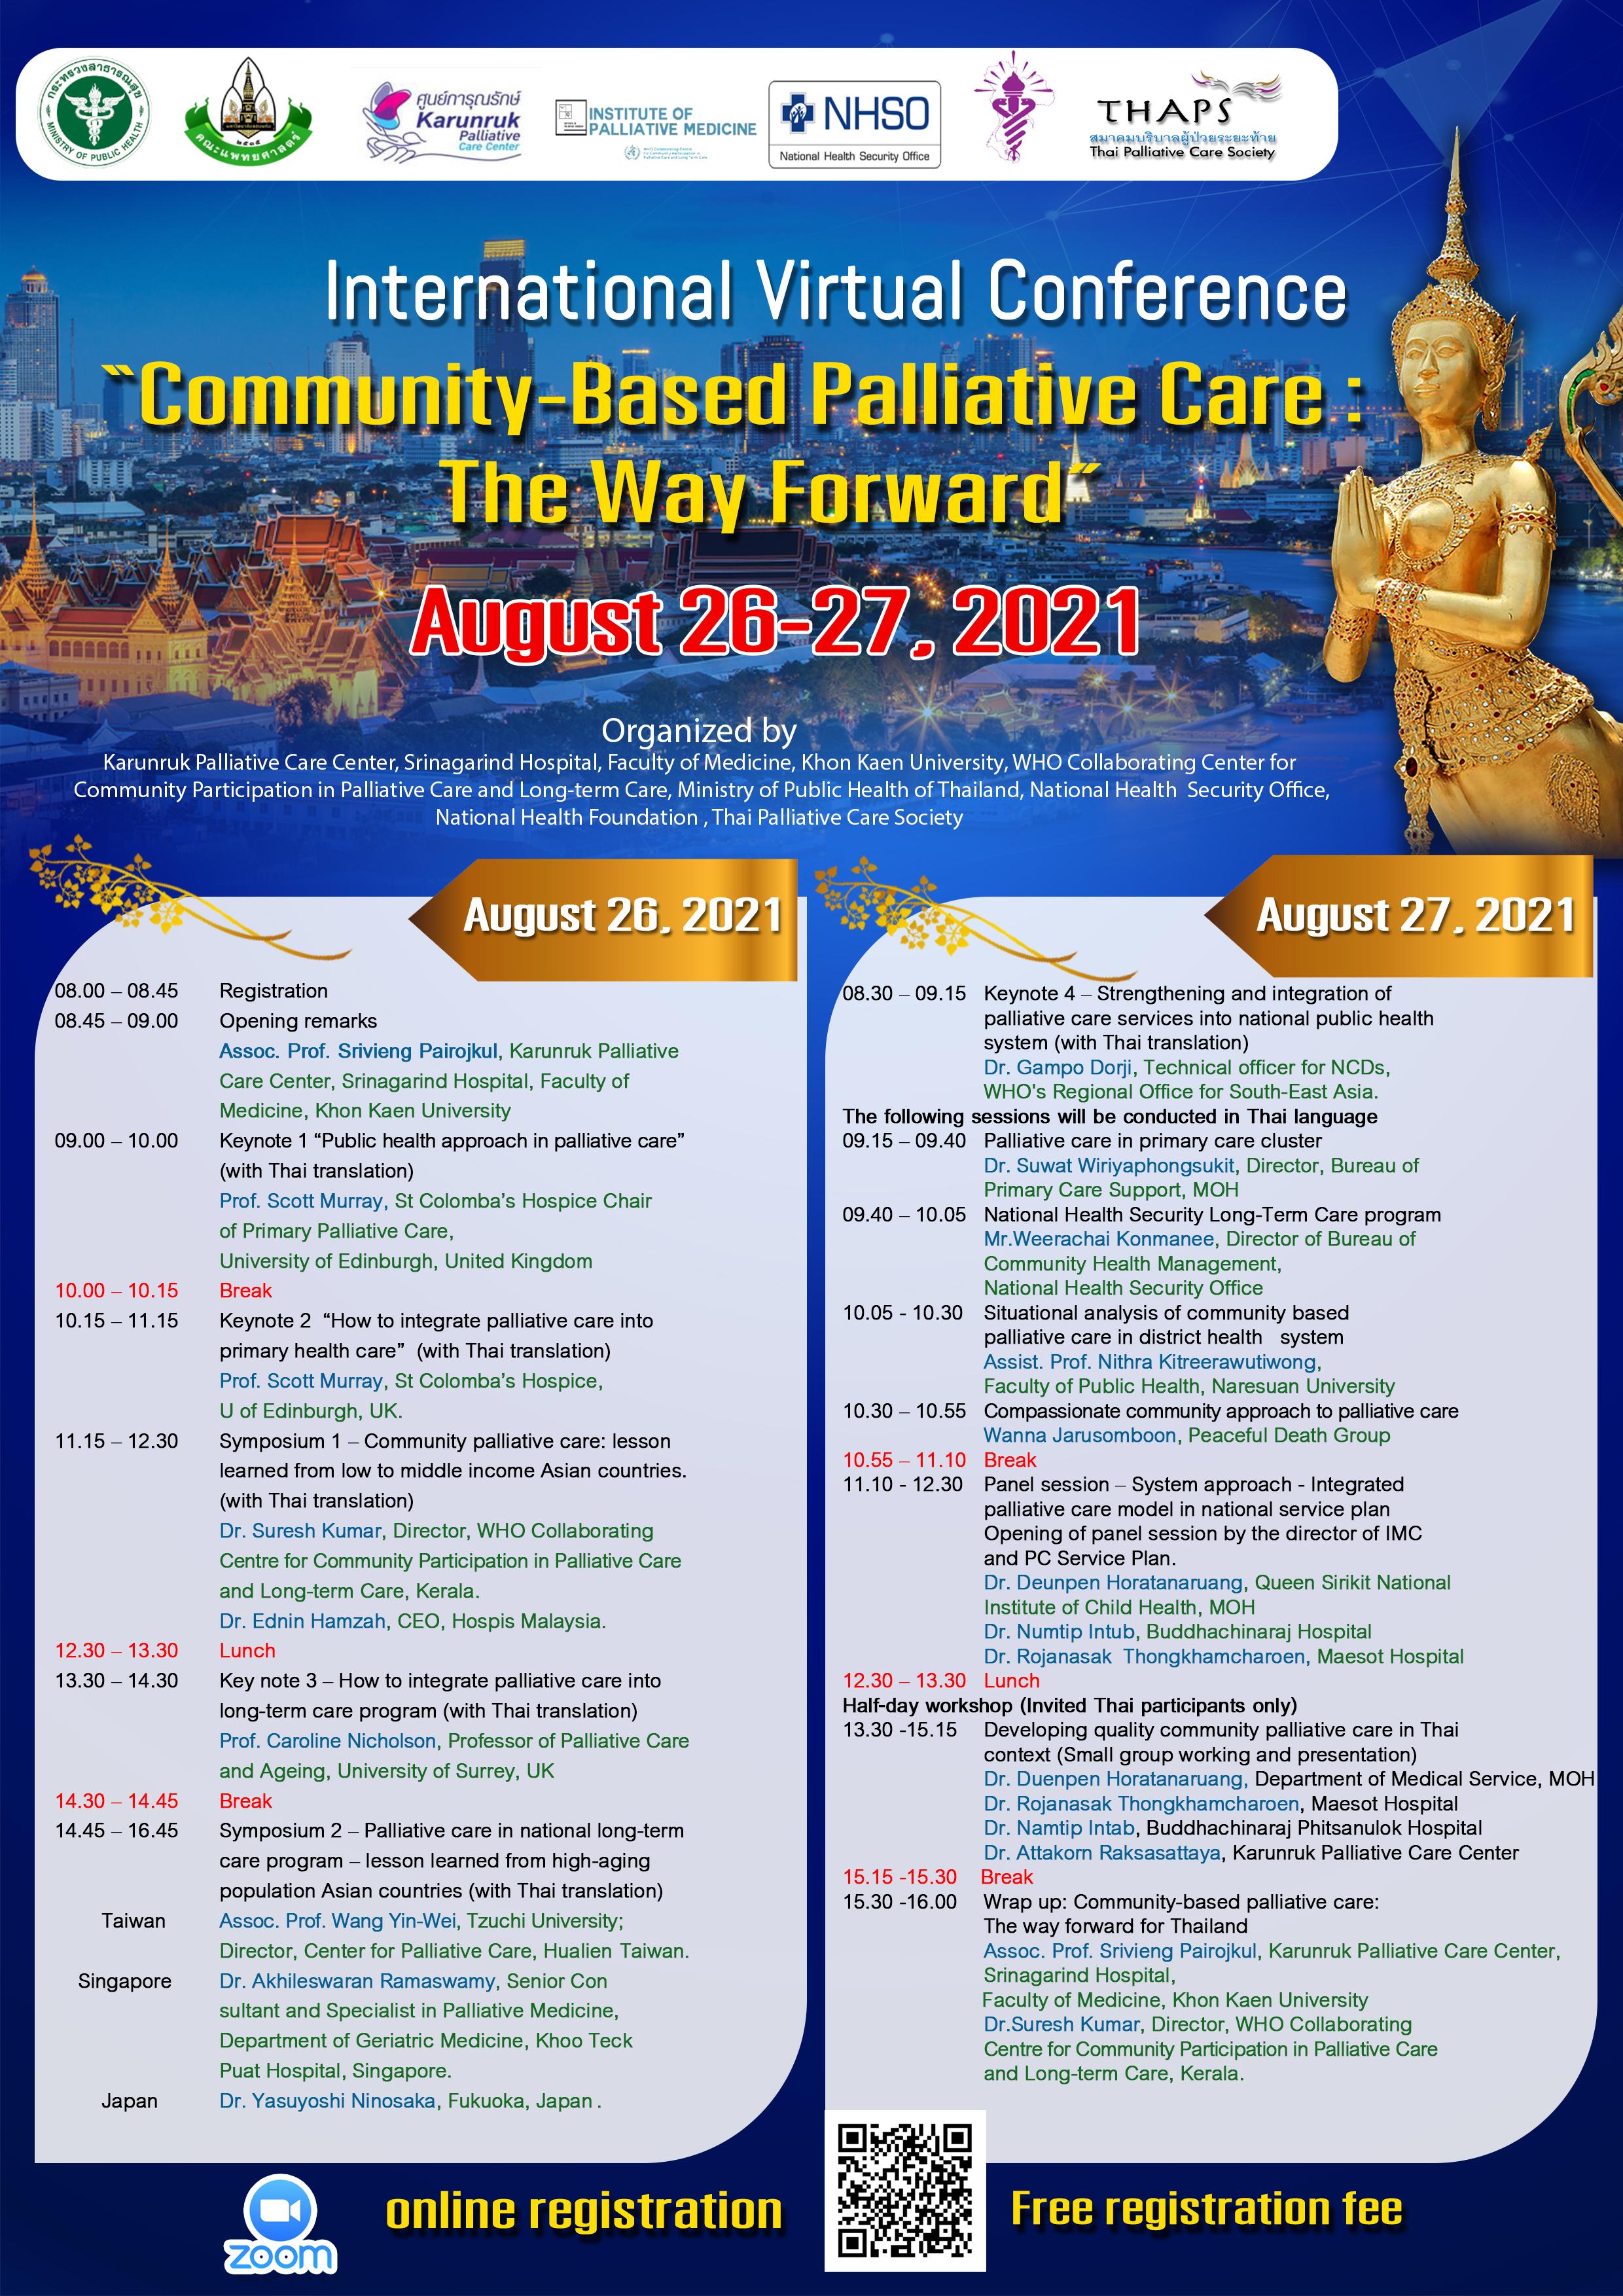 Community-Based Palliative Care